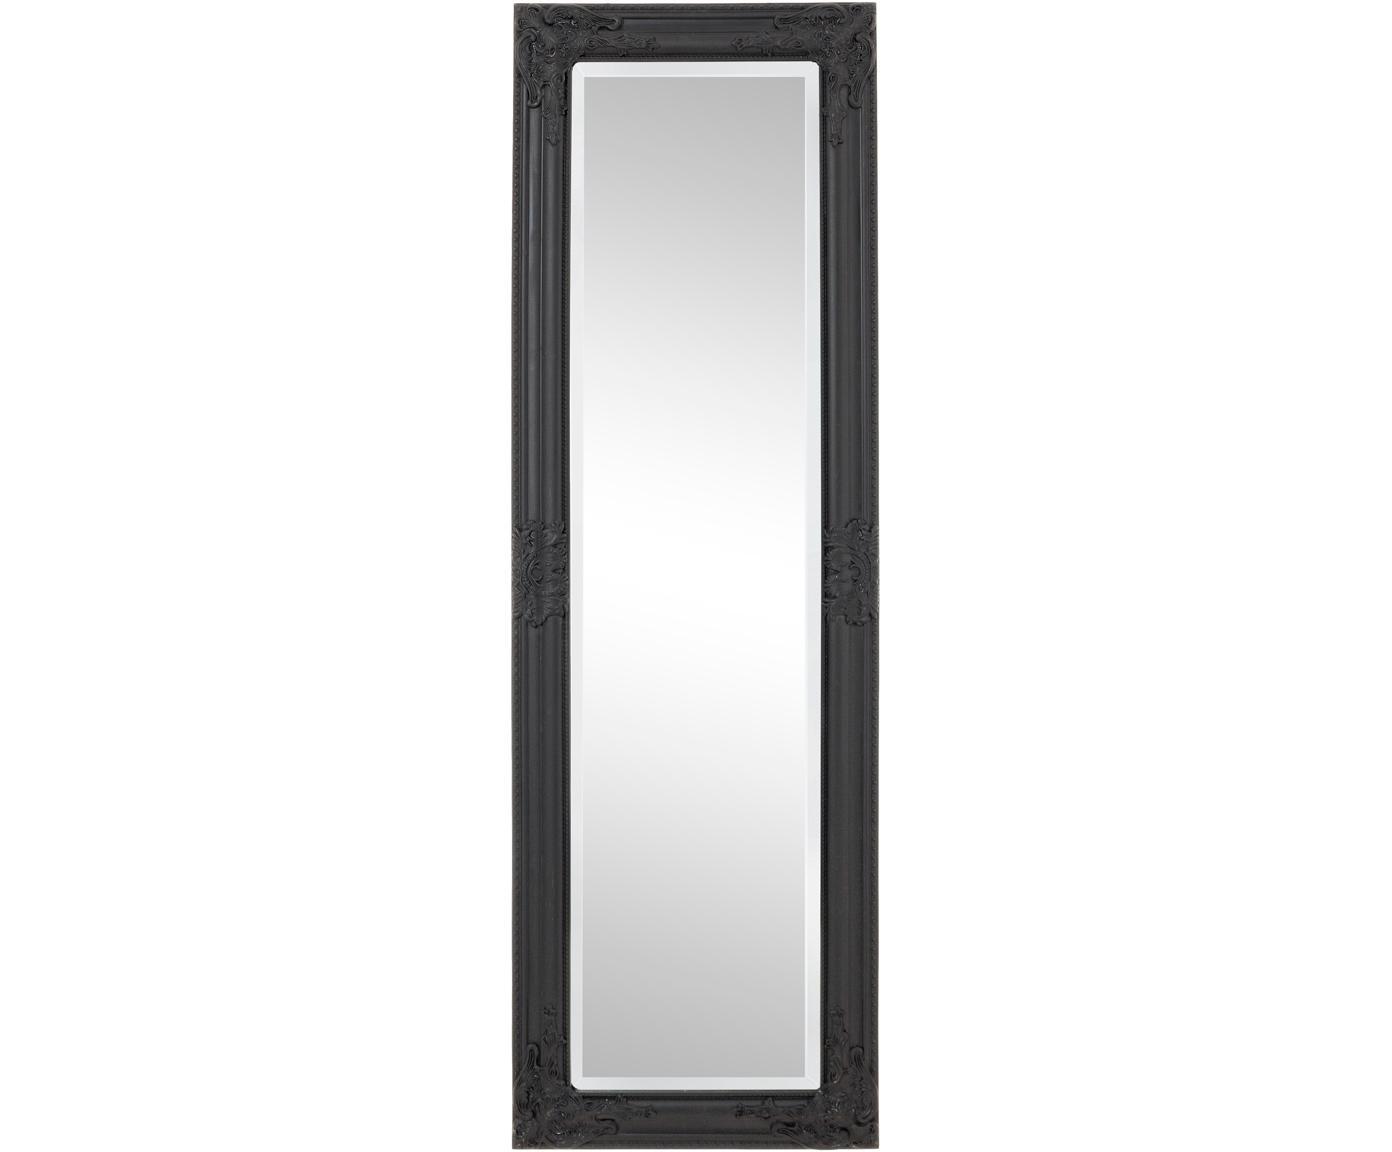 Wandspiegel Miro met zwarte houten lijst, Lijst: gecoat hout, Zwart, 42 x 132 cm